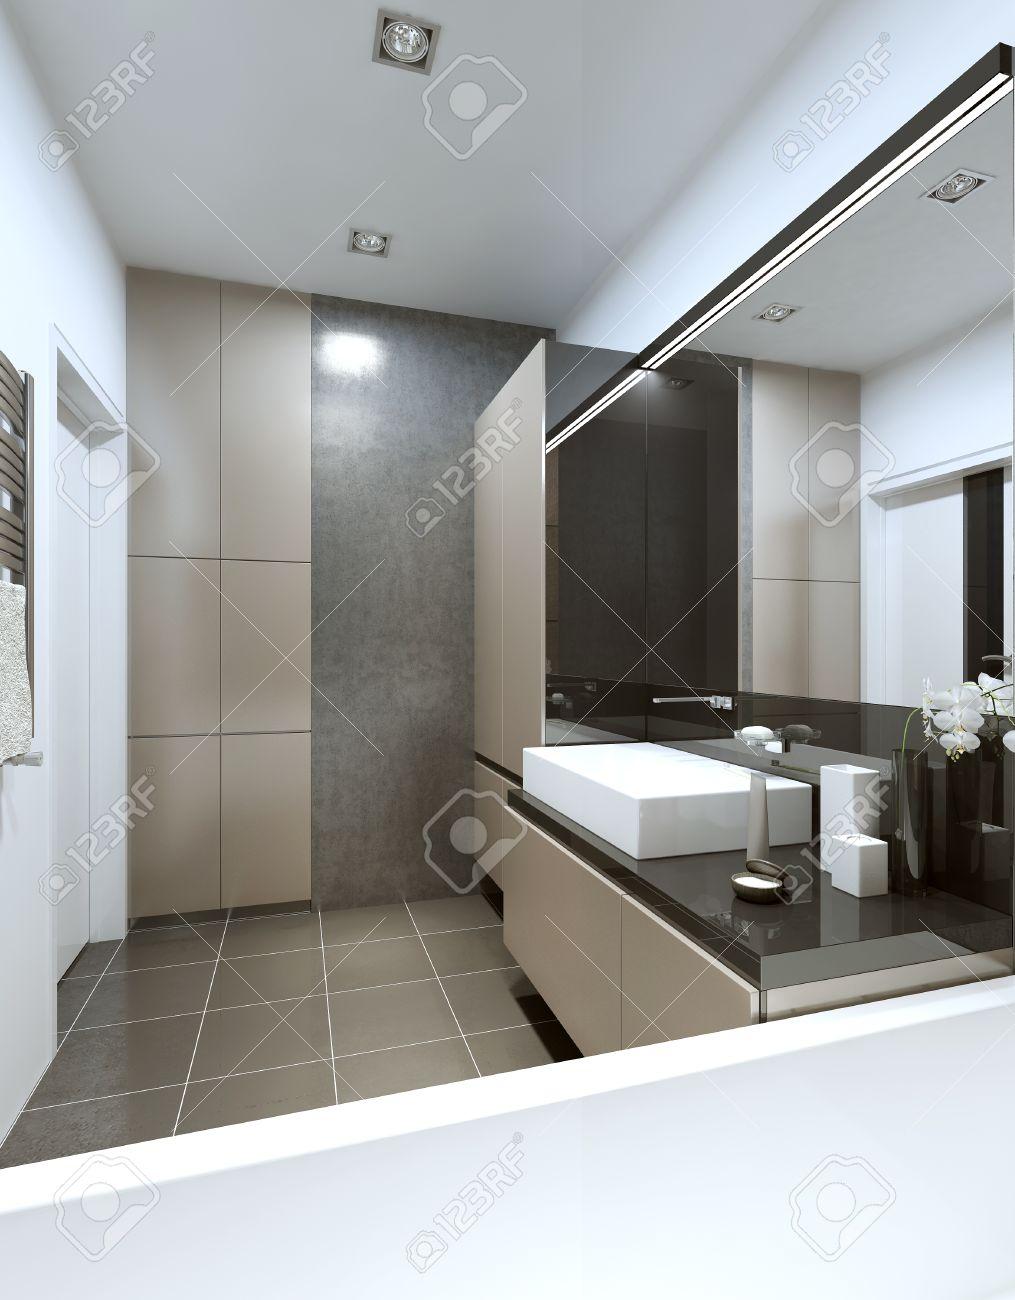 Modernes Badezimmer Mit Beige Und Grauen Möbeln Und Einem Betonboden Und  Wände. 3D übertragen.